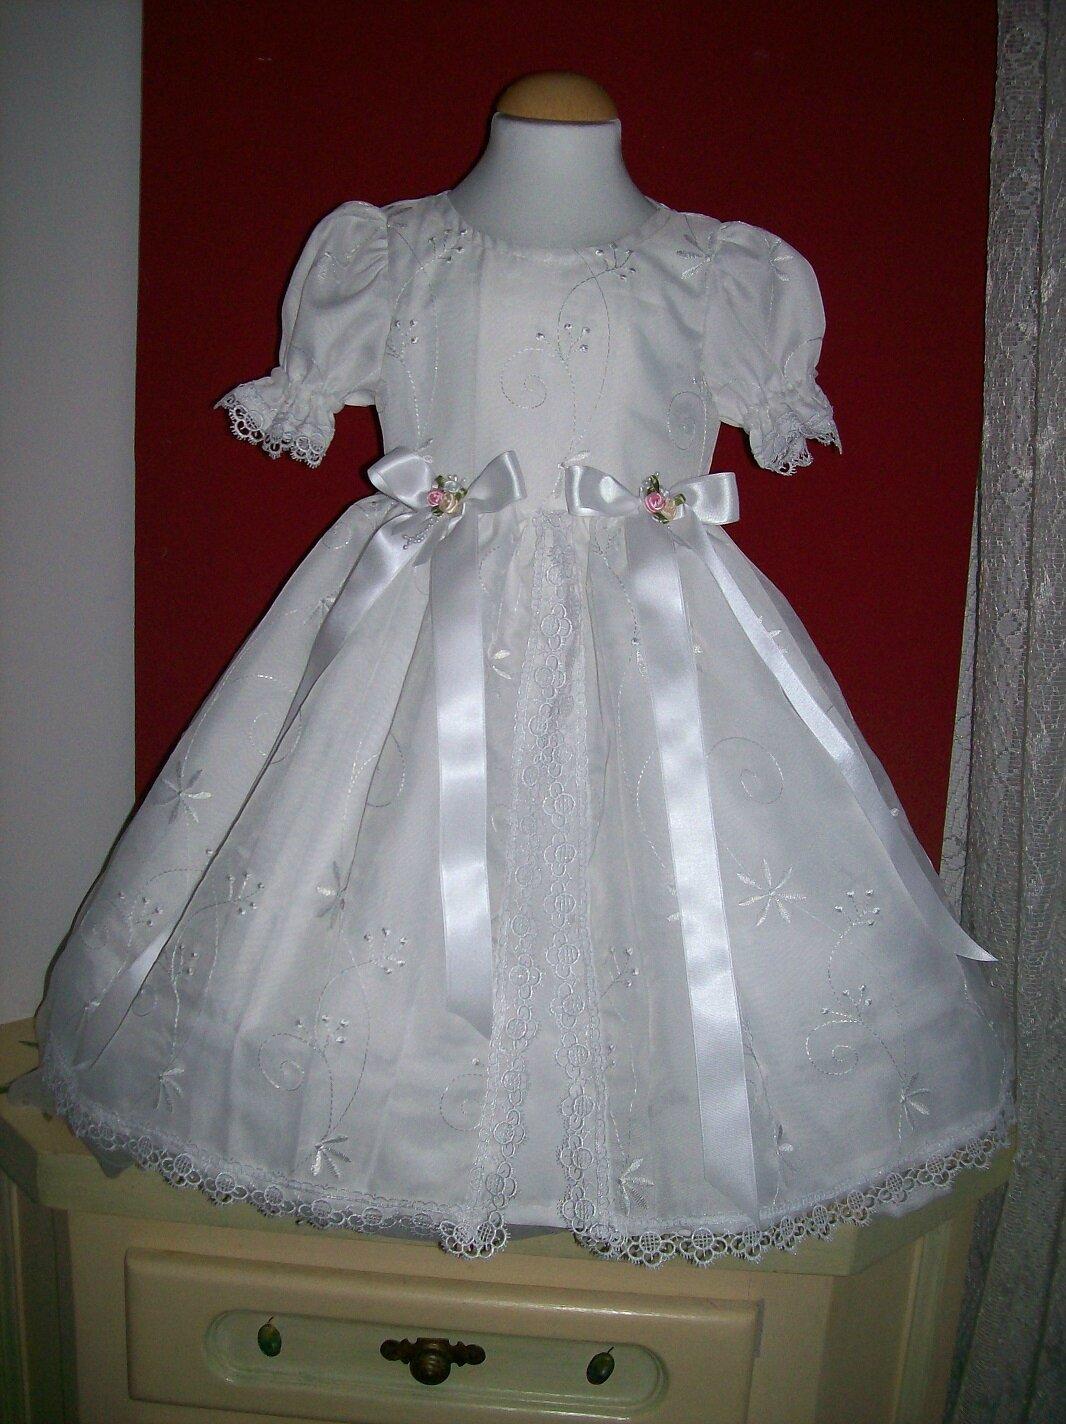 465c4bd8e26ce Robe de Bapteme ou ceremonie blanche - Mamy créative - Couture pour ...